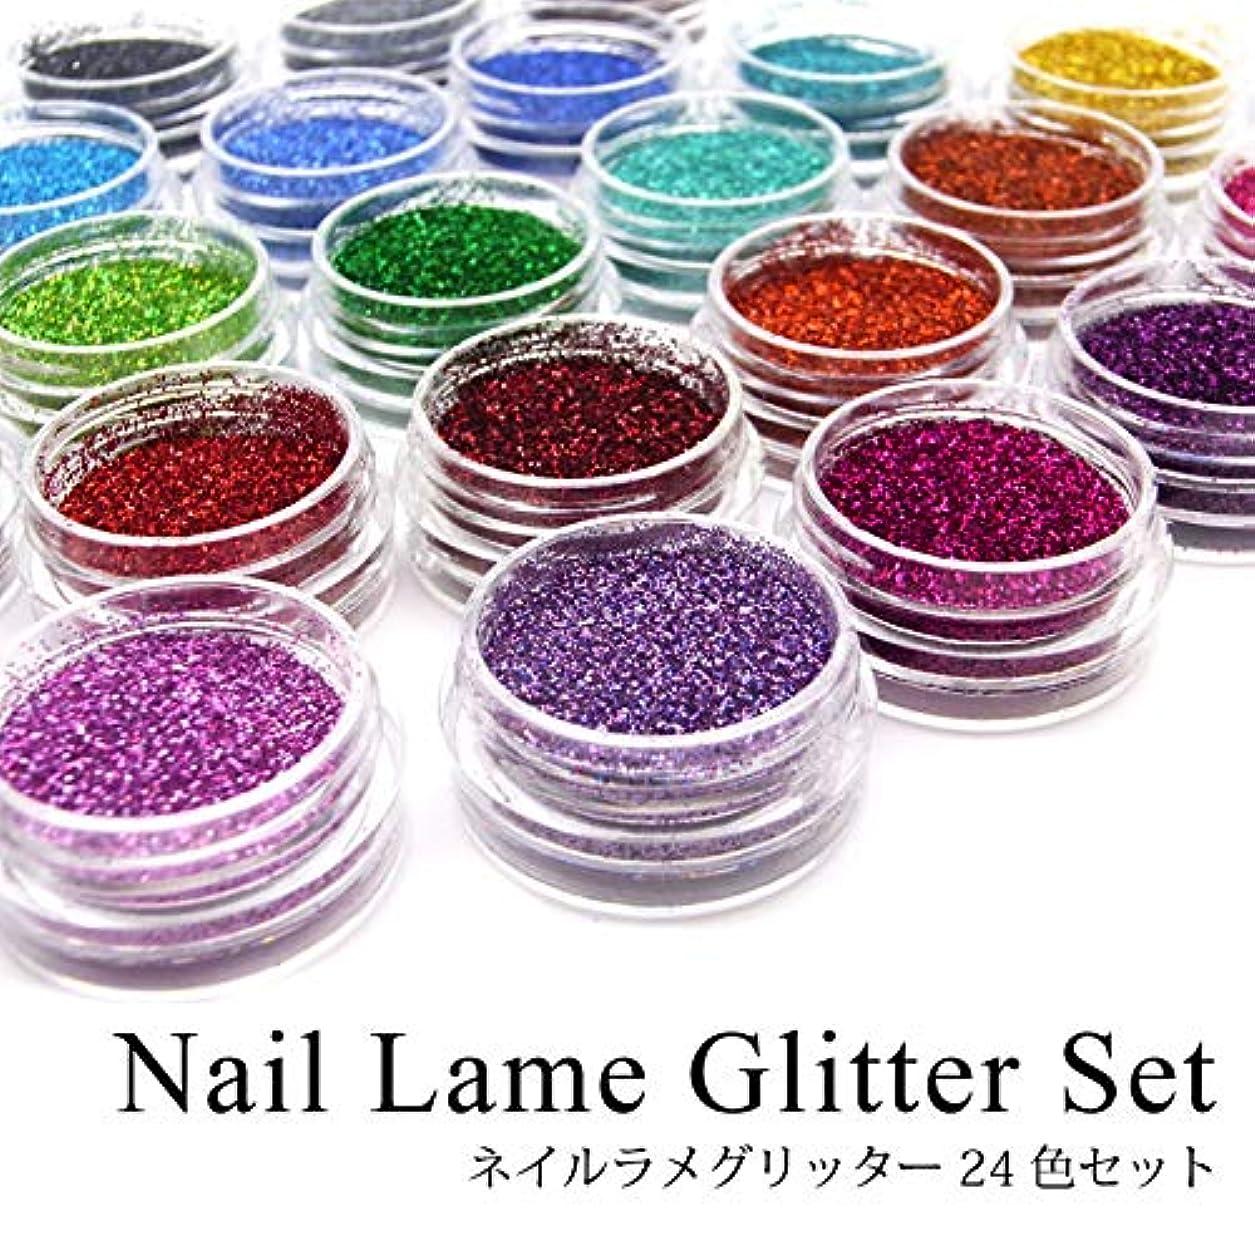 ネイル ラメグリッター 24色セット 各種 (1.ラメグリッター0.1mmセット)